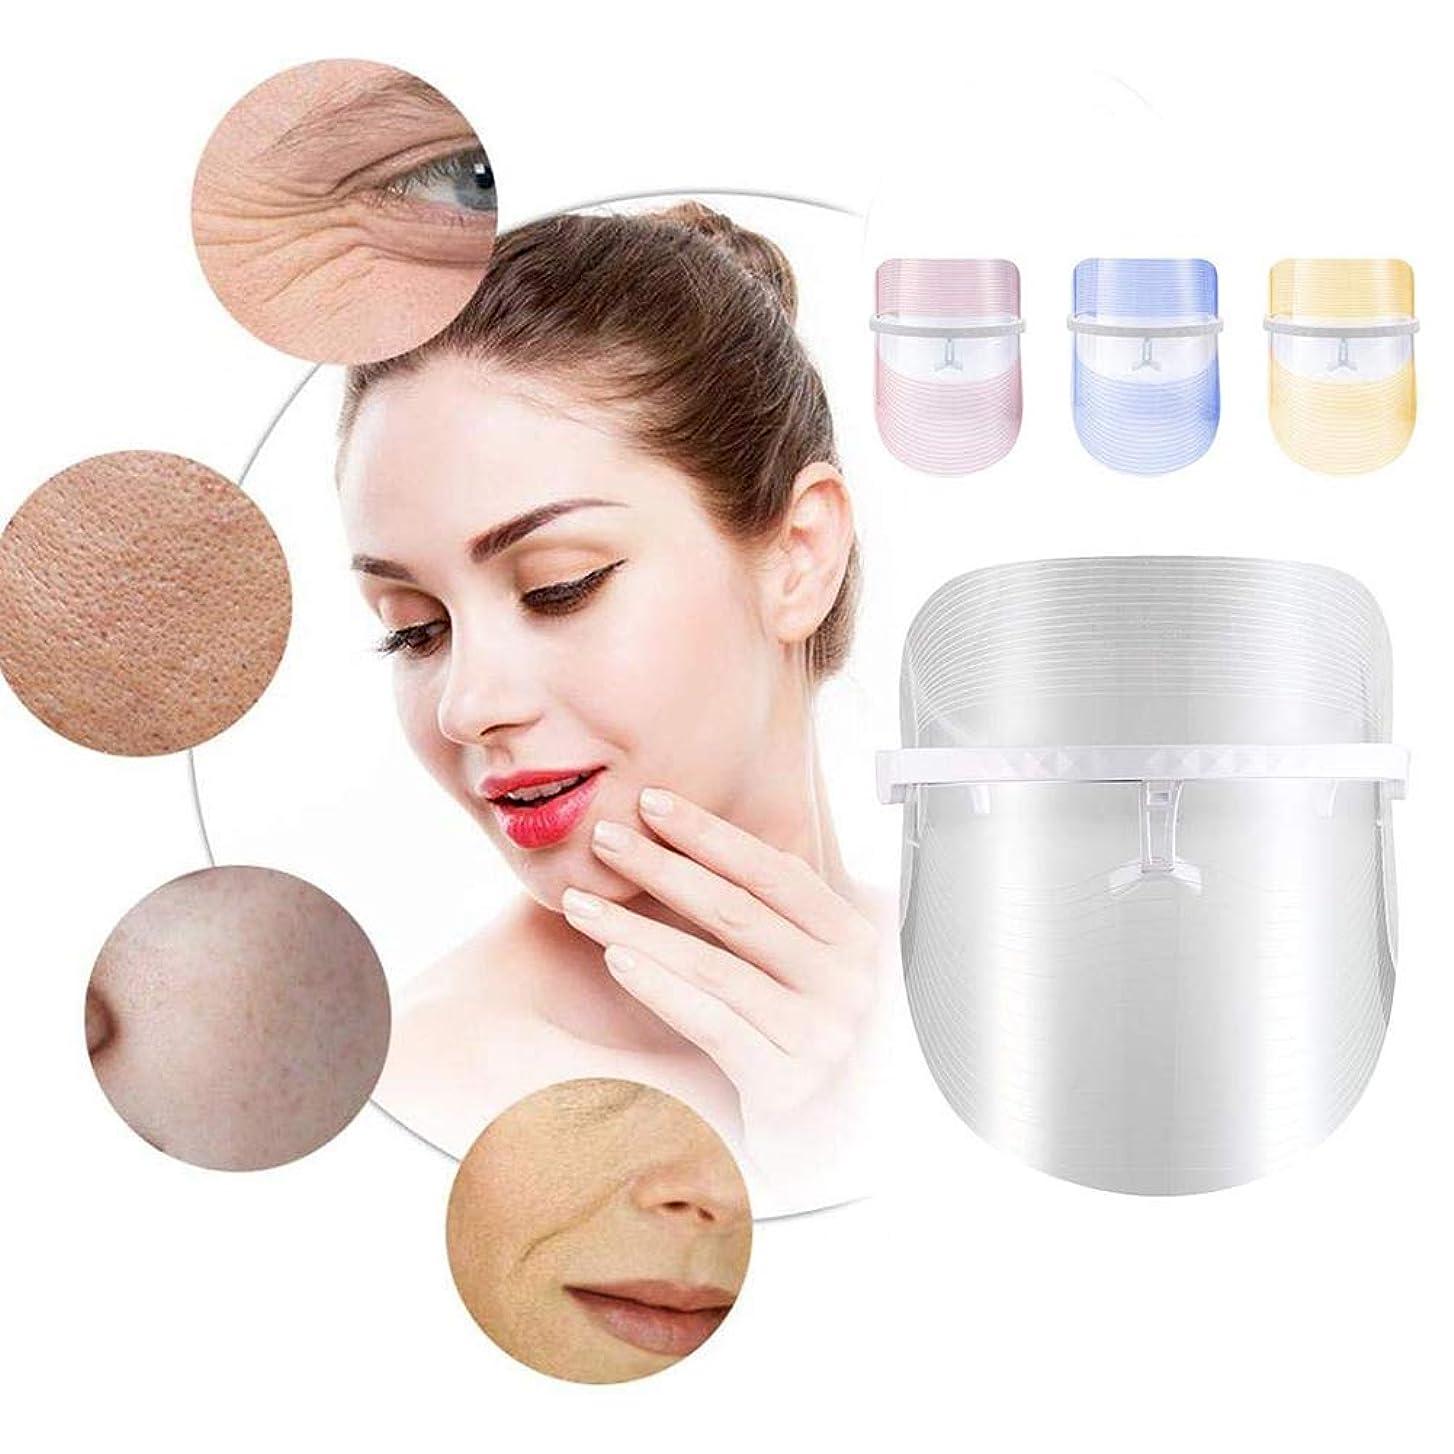 コンベンション複雑な怒って3色LEDフェイシャルマスク美容器具光線療法赤青とオレンジの光の収縮孔は顔ケアツールを若返らせる